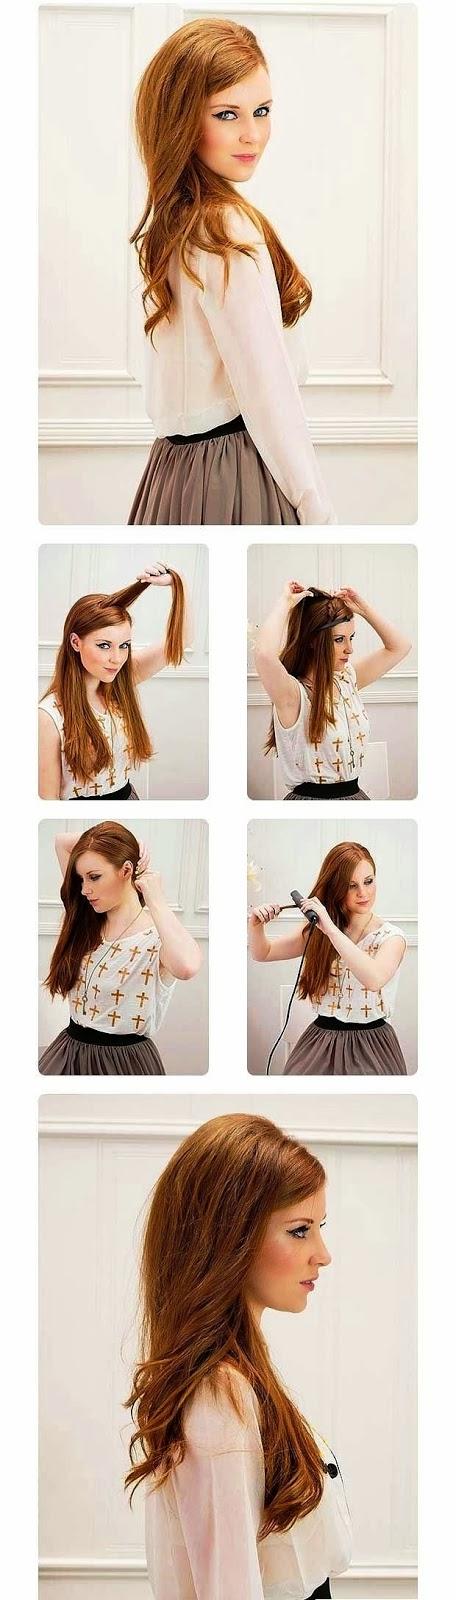 mükemmel saç modelleri